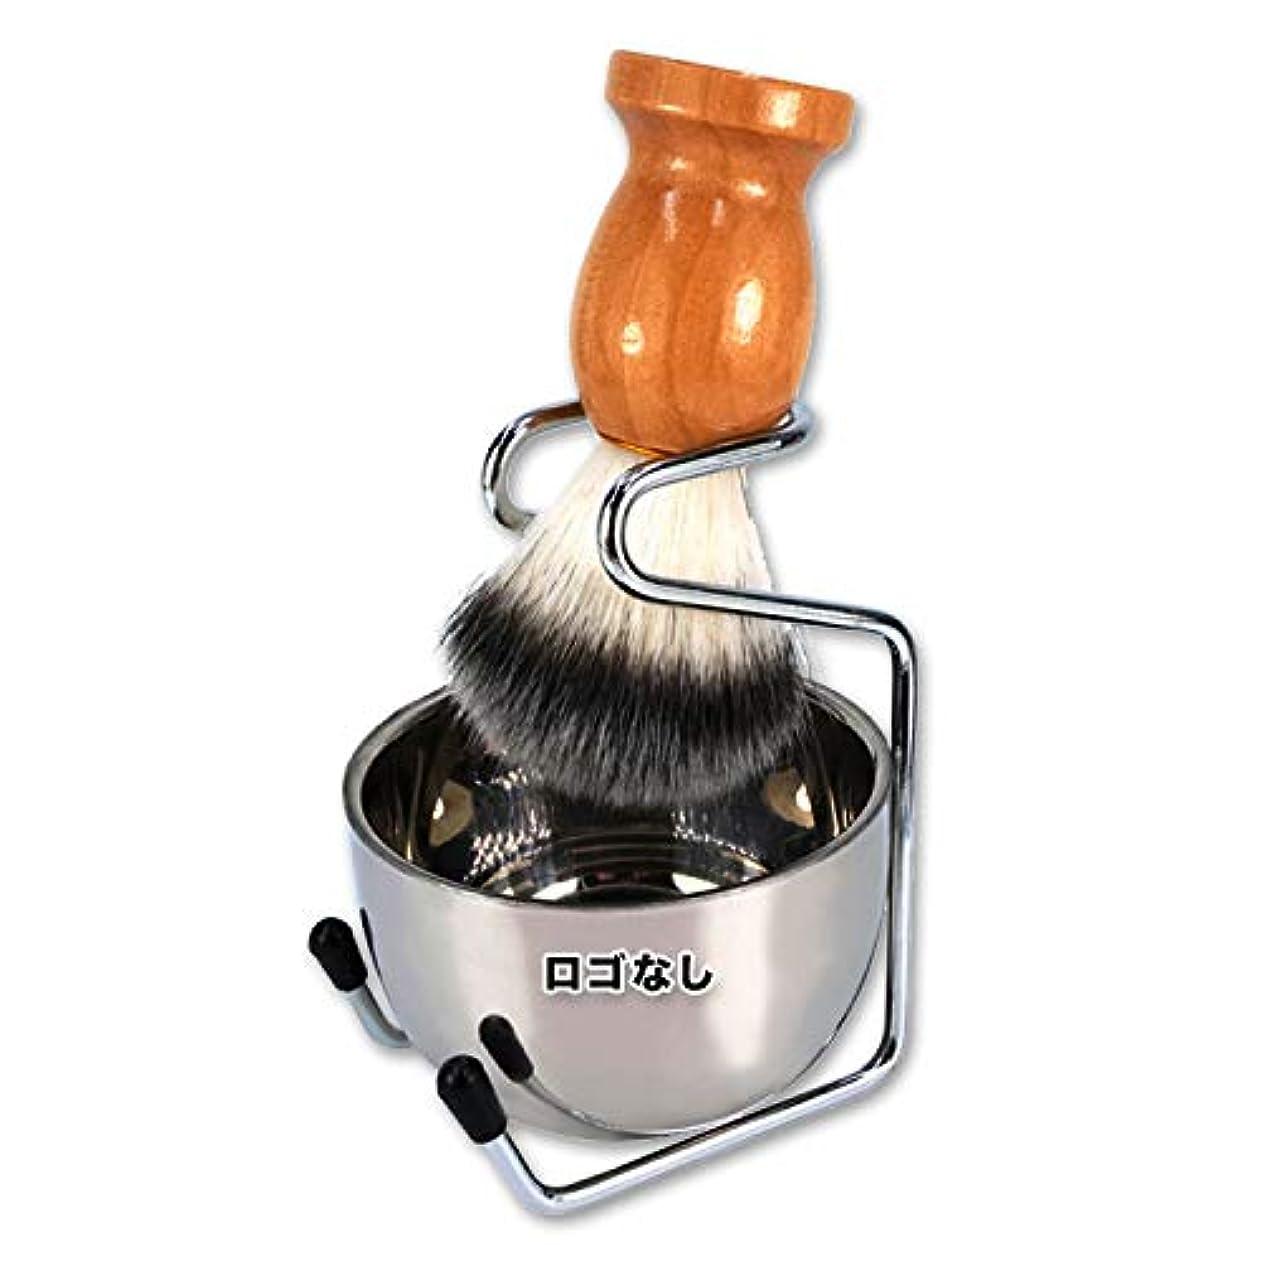 抑制かなりの衝動ヒゲブラシ 一式セット ボウル スタンド ステンレス製 シェービング、髭剃り専用 新デザイン